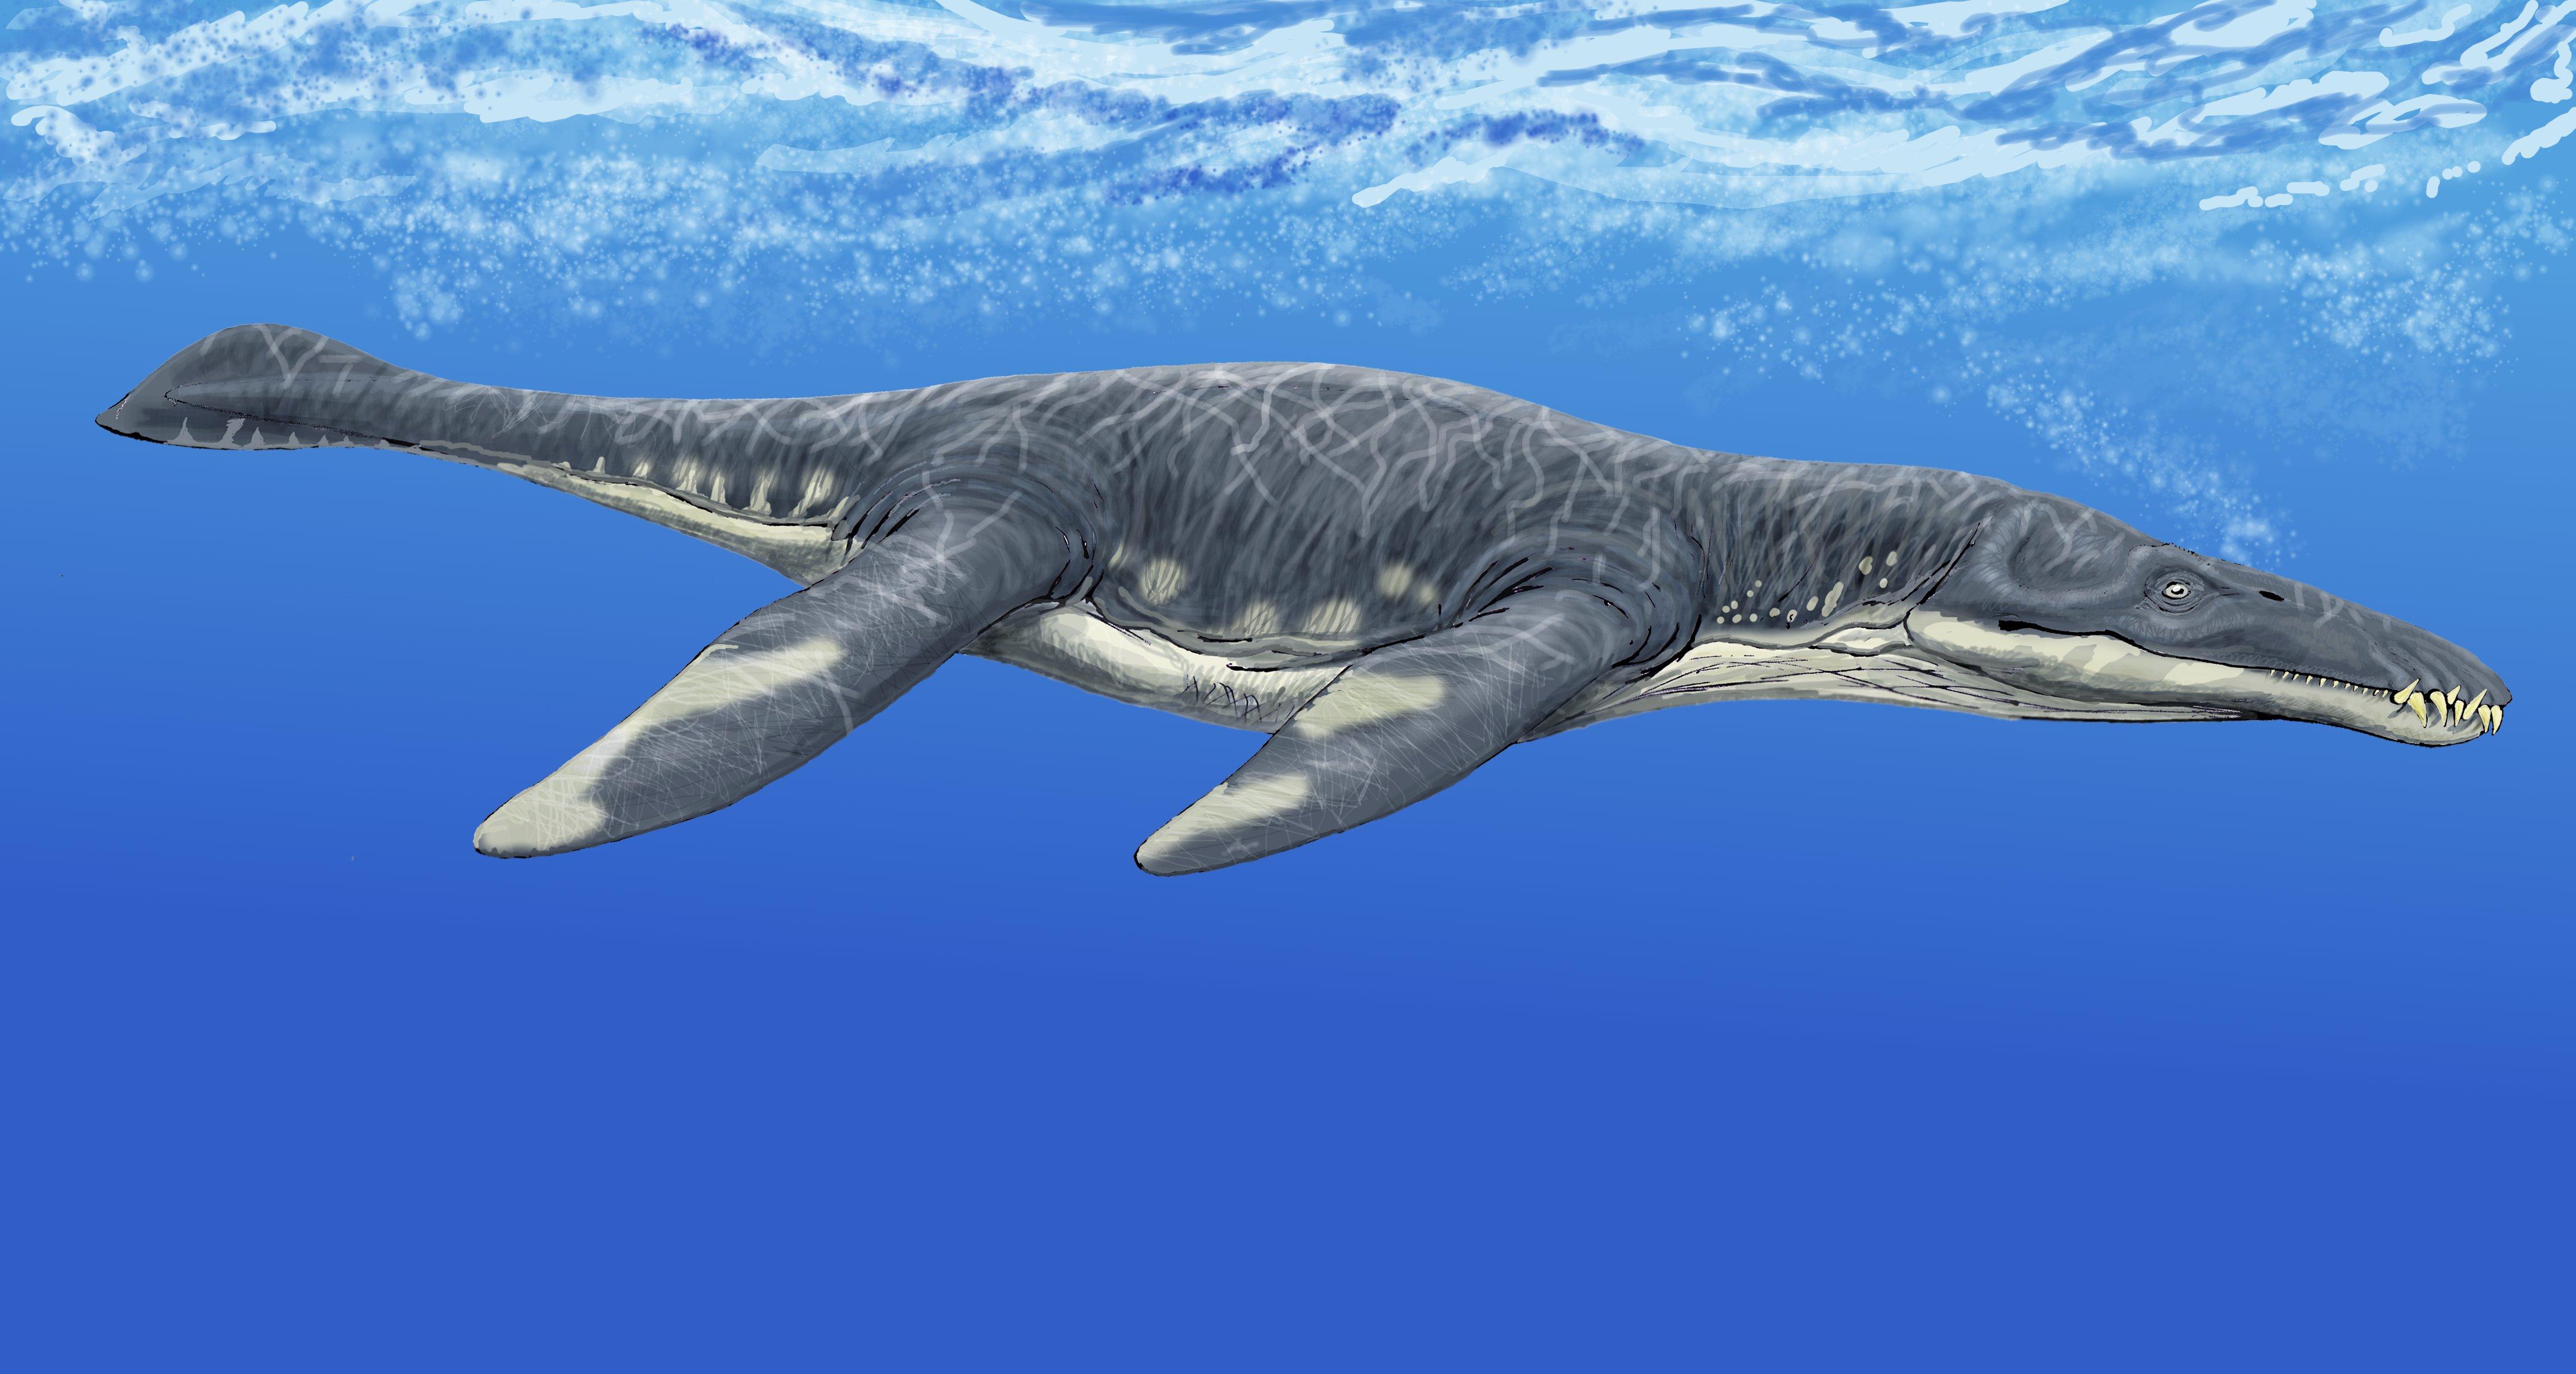 Liopleurodon_after_Tarlo.jpg